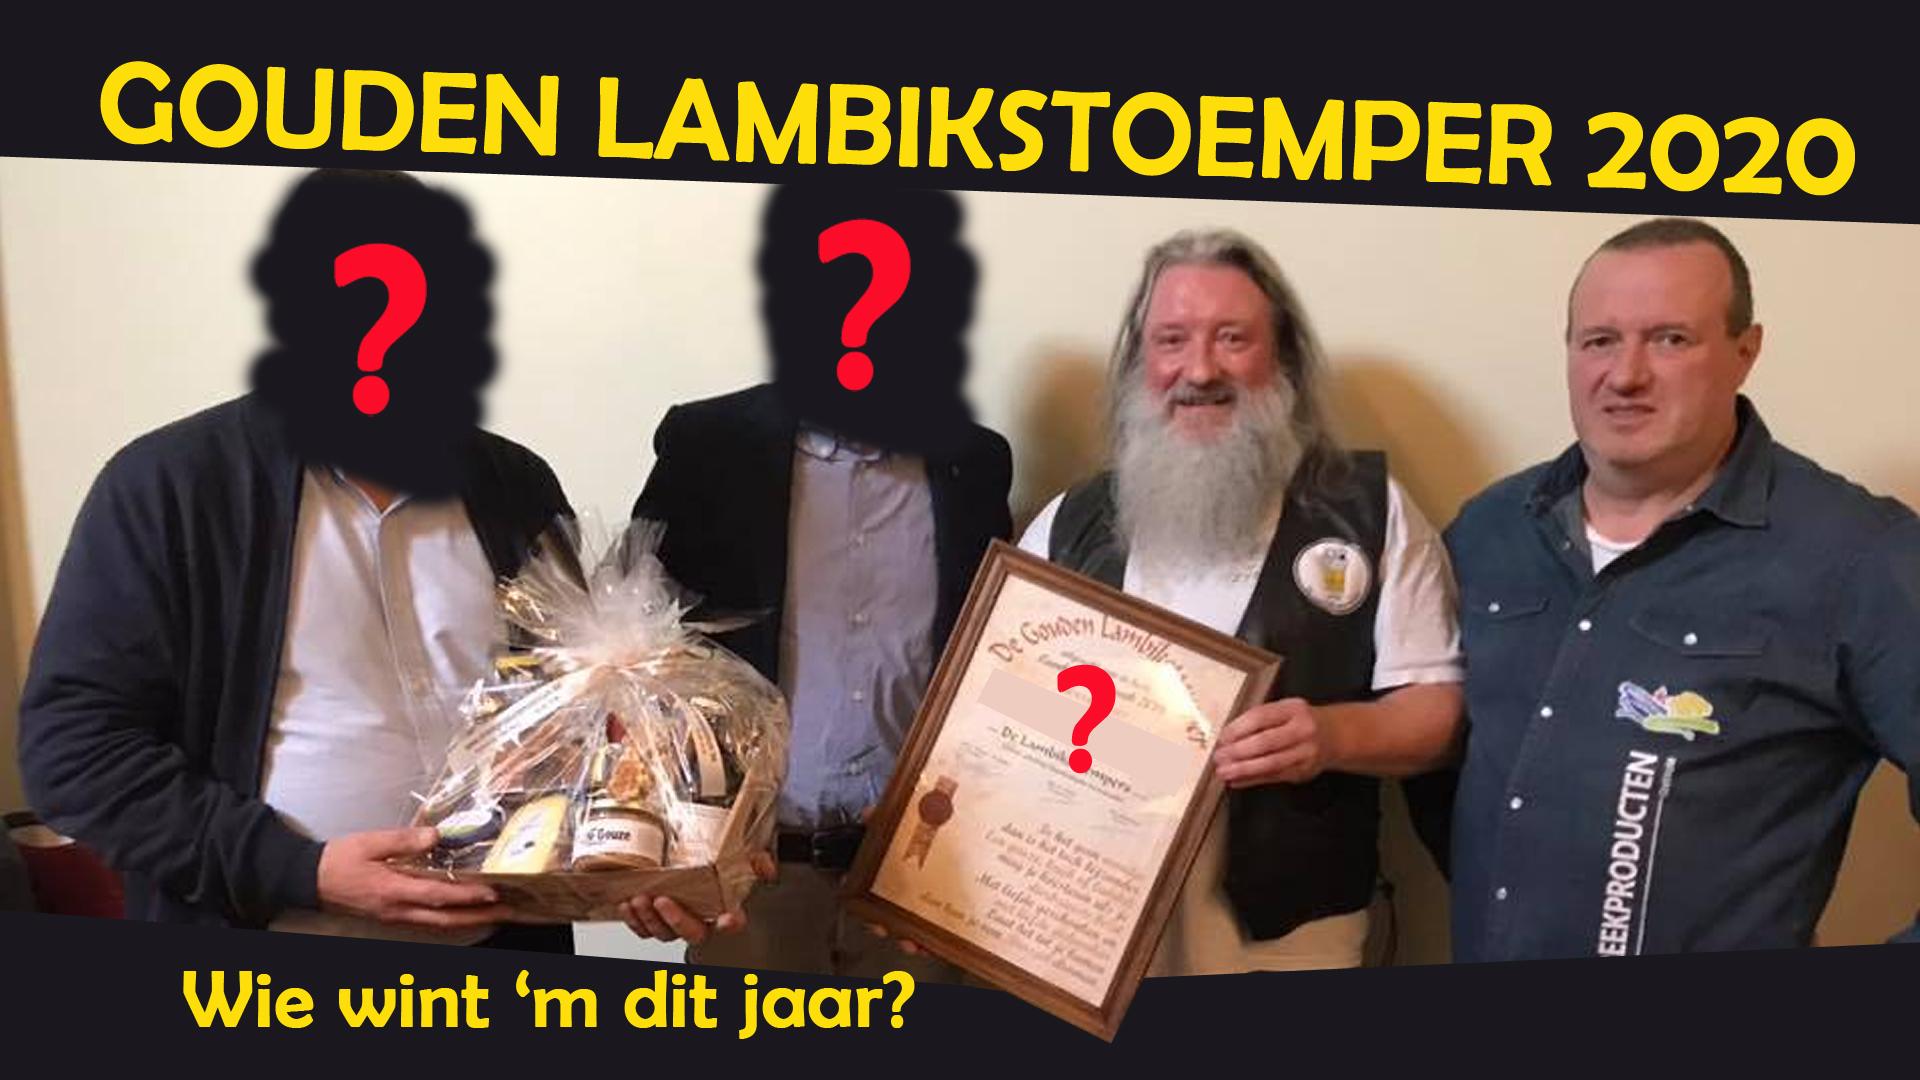 Présentation du Lambikstoemper d'Or 2020